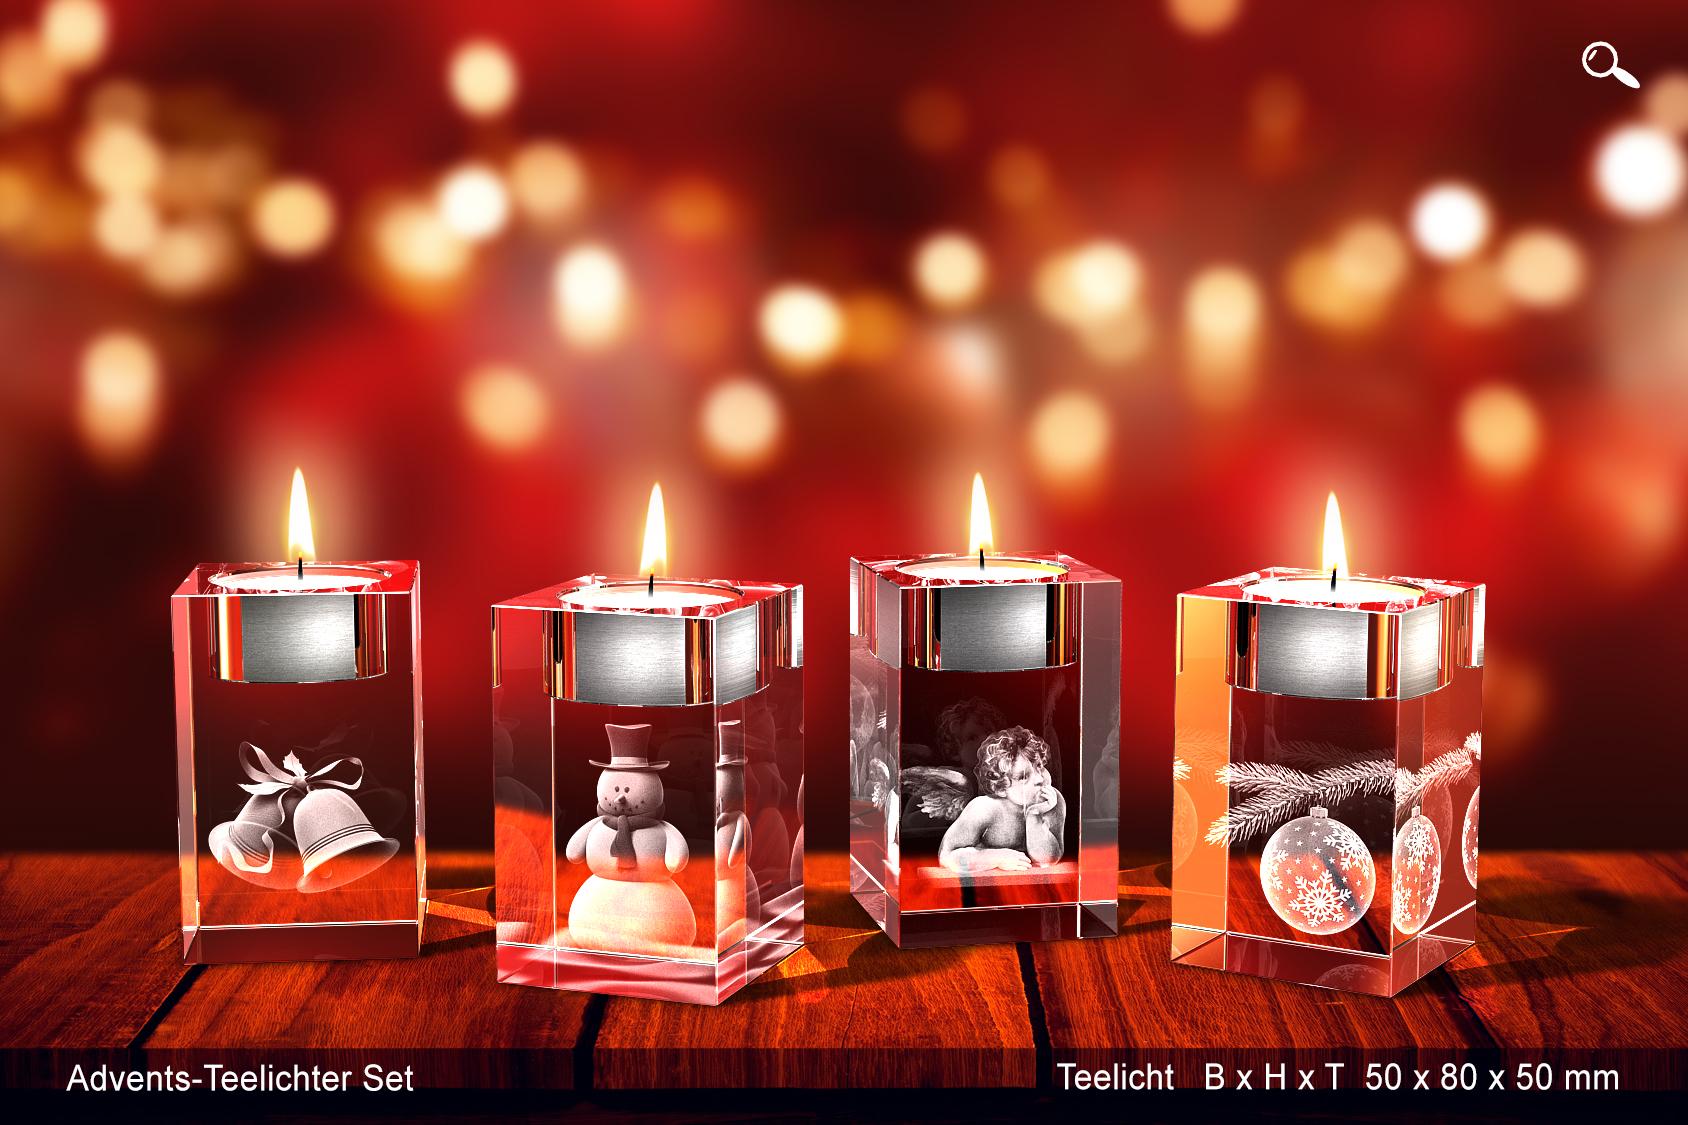 Ein moderner adventskranz ist ein blickfang stellen sie einen kranz aus sechs verschiedenen - Moderner adventskranz ...